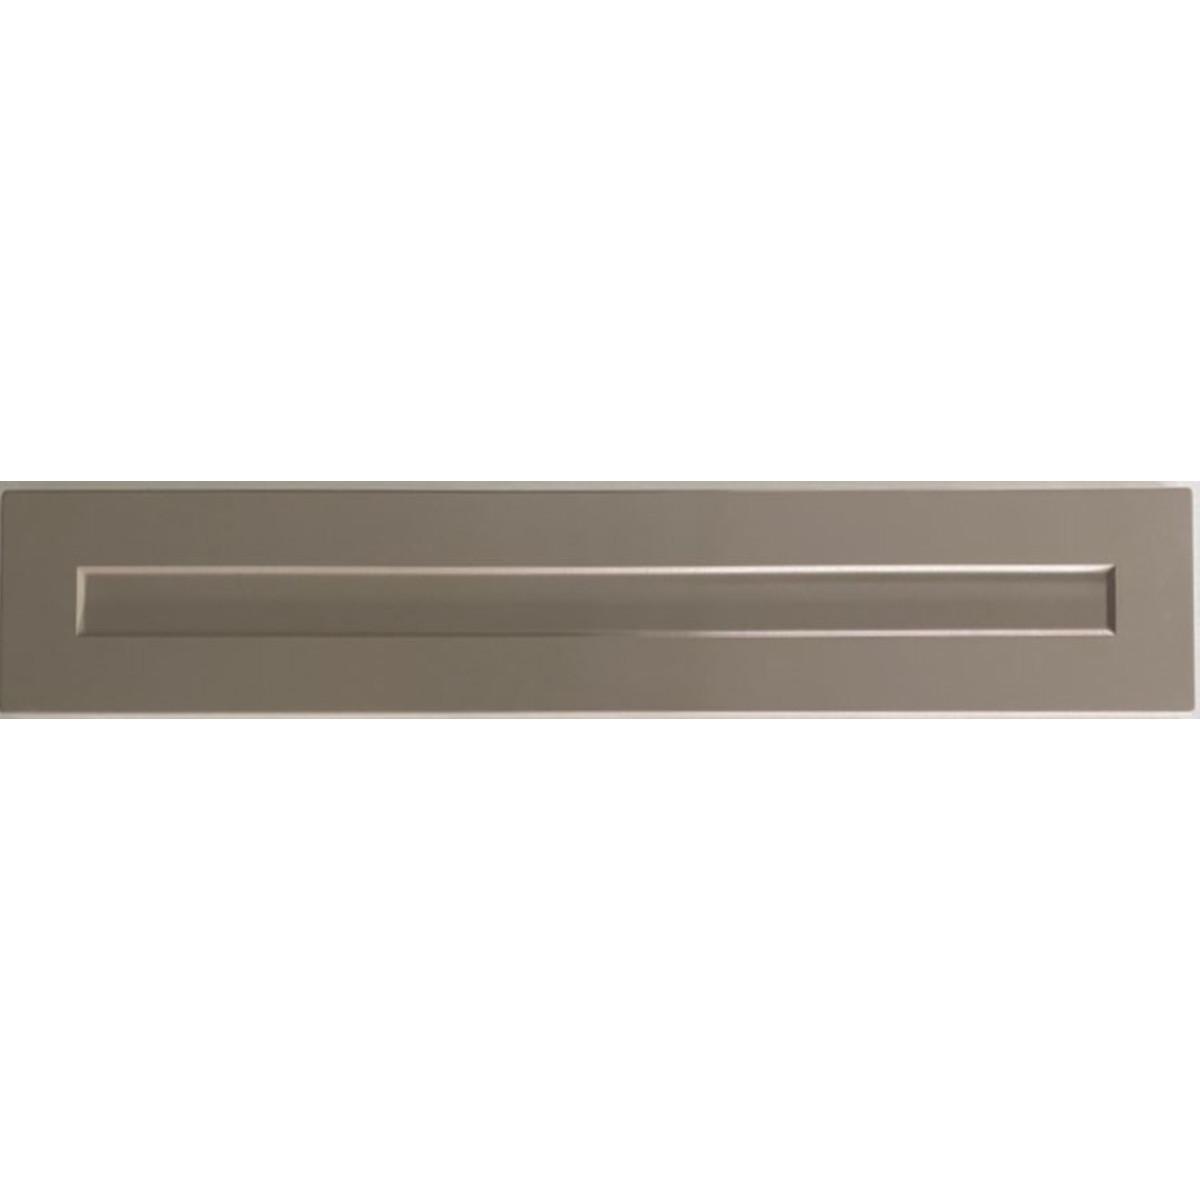 Дверь для шкафа Delinia ID &#34Ньюпорт&#34 14.7х102 см МДФ цвет бежевый